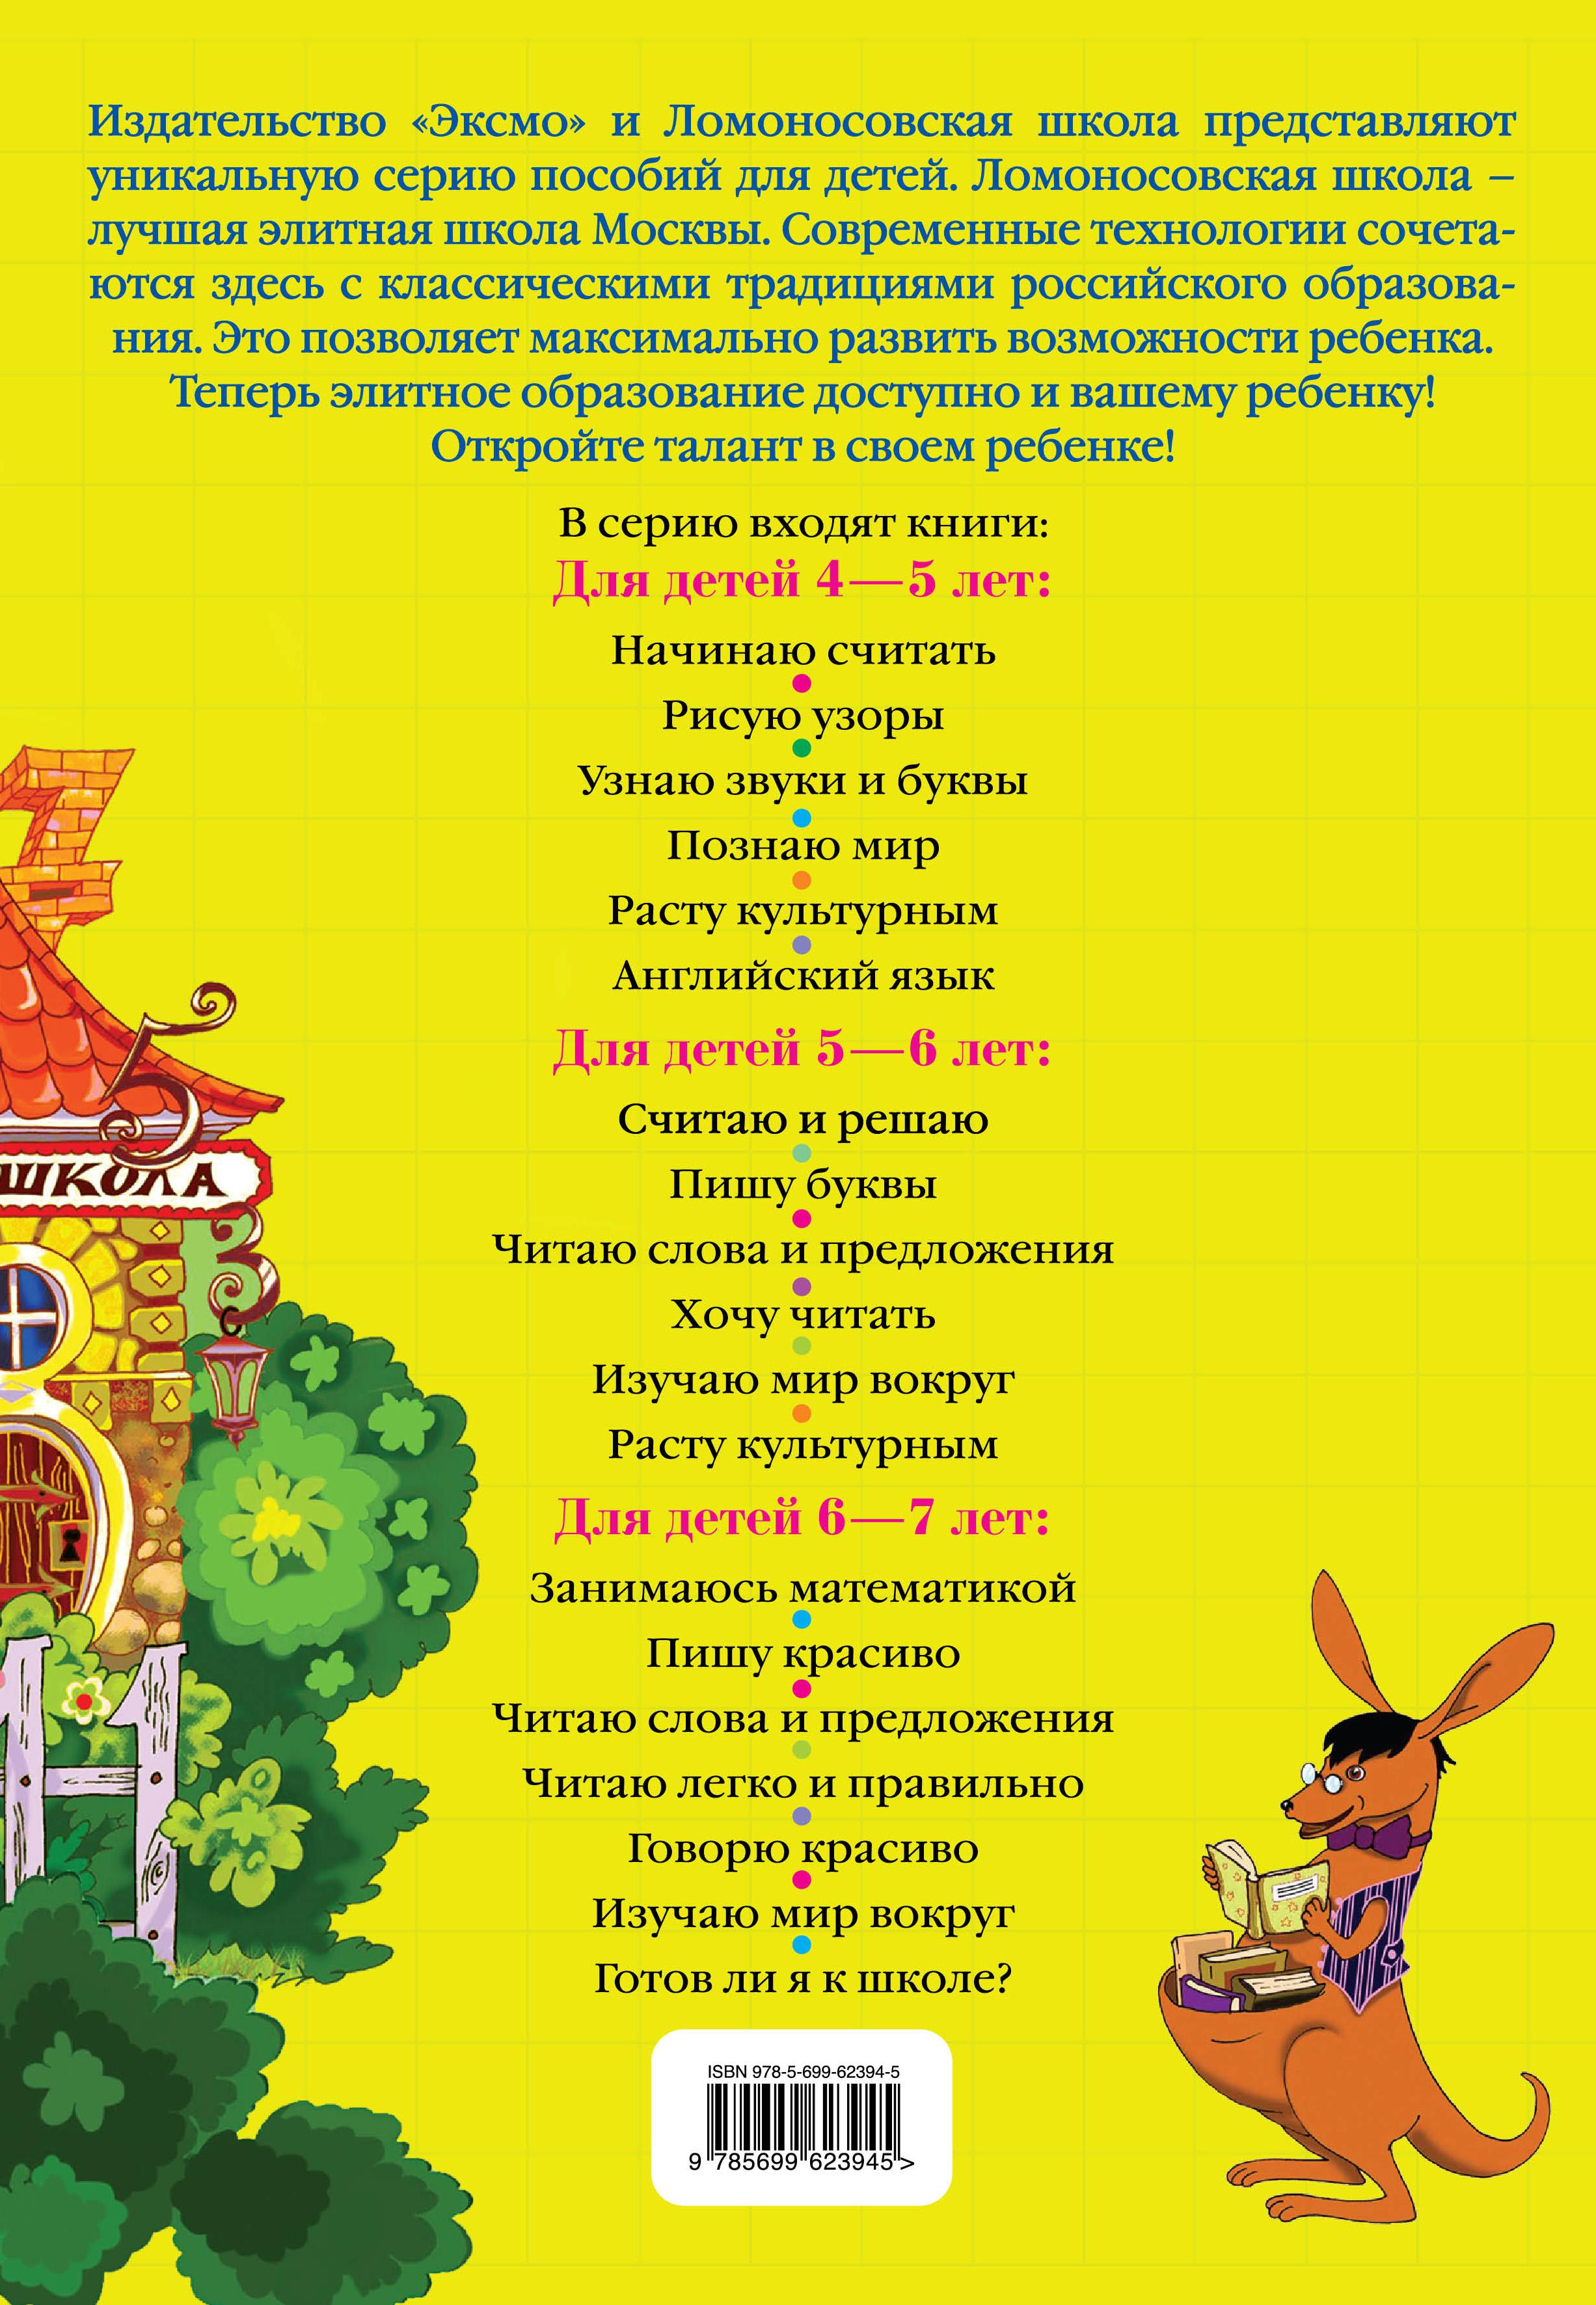 Источник: Володина Н.В., Считаю и решаю. Для одаренных детей 5-6 лет